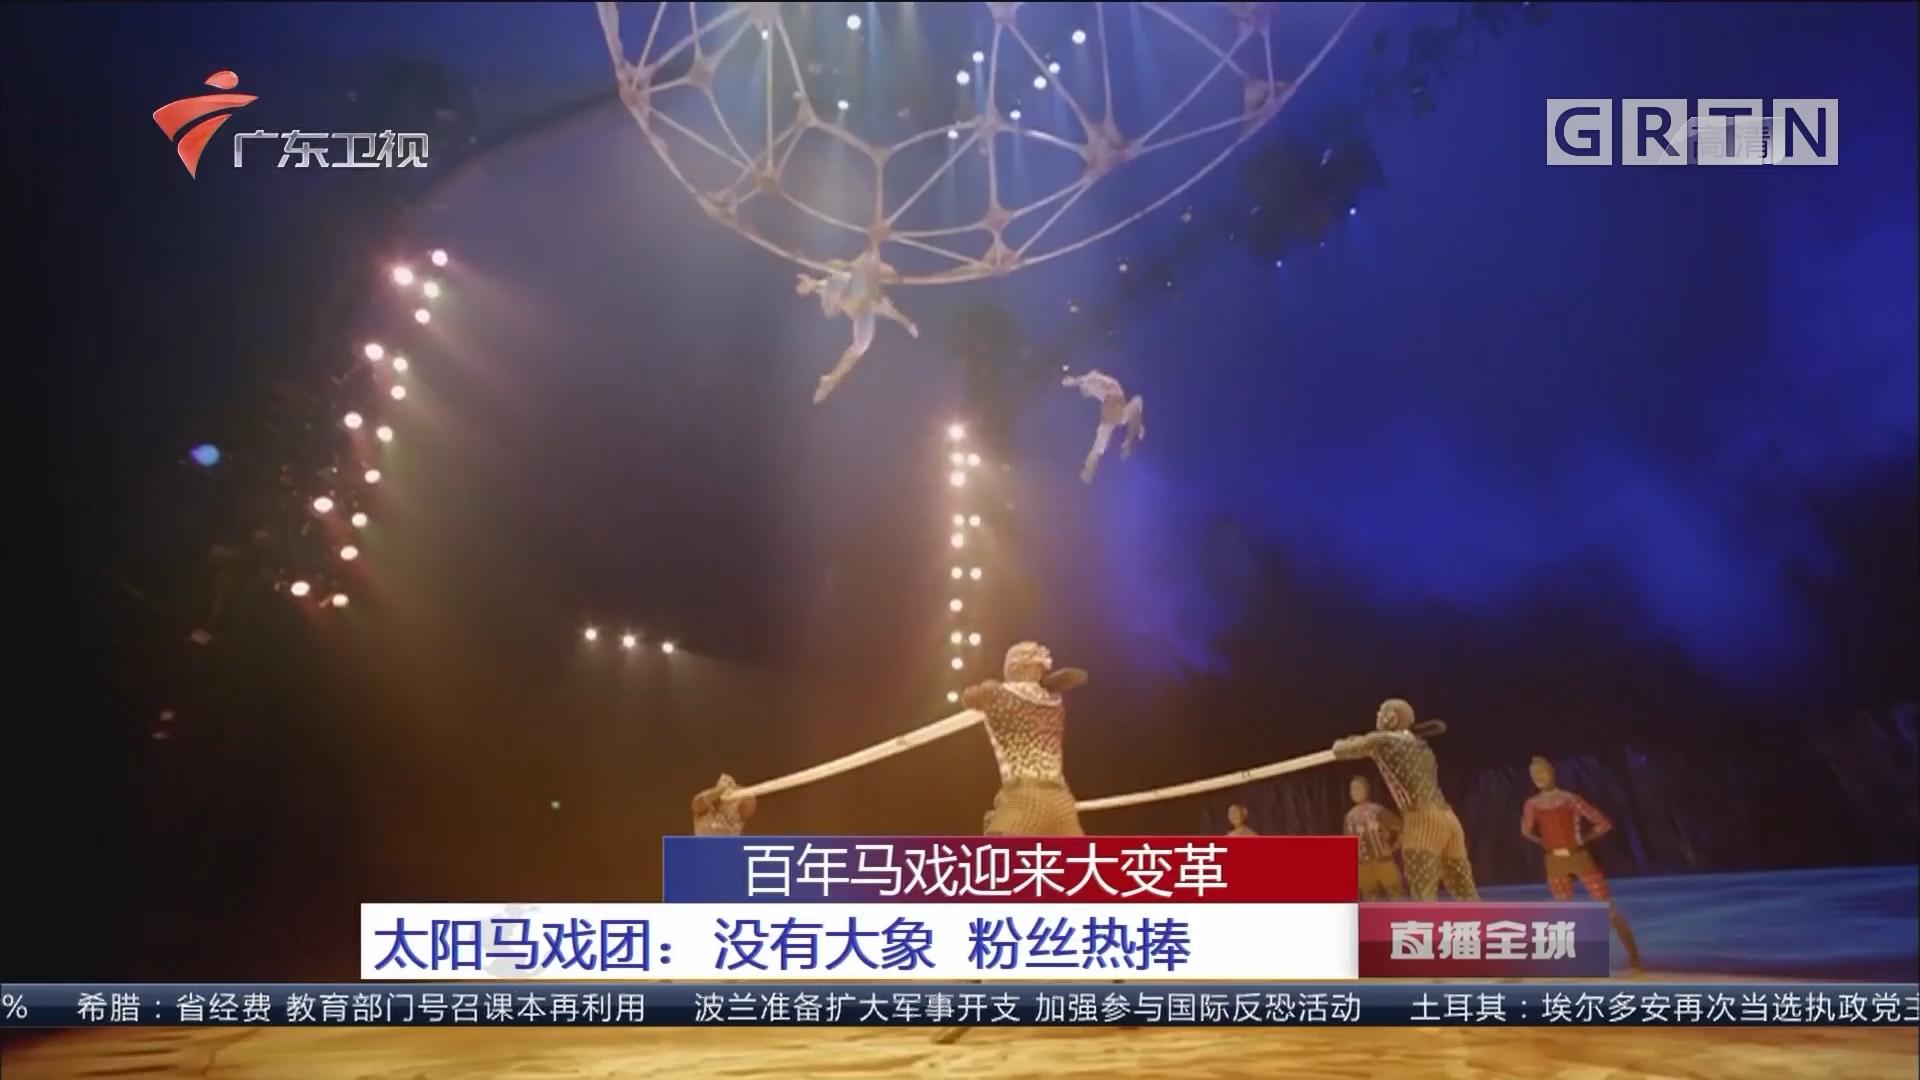 百年马戏迎来大变革 太阳马戏团:没有大象 粉丝热捧